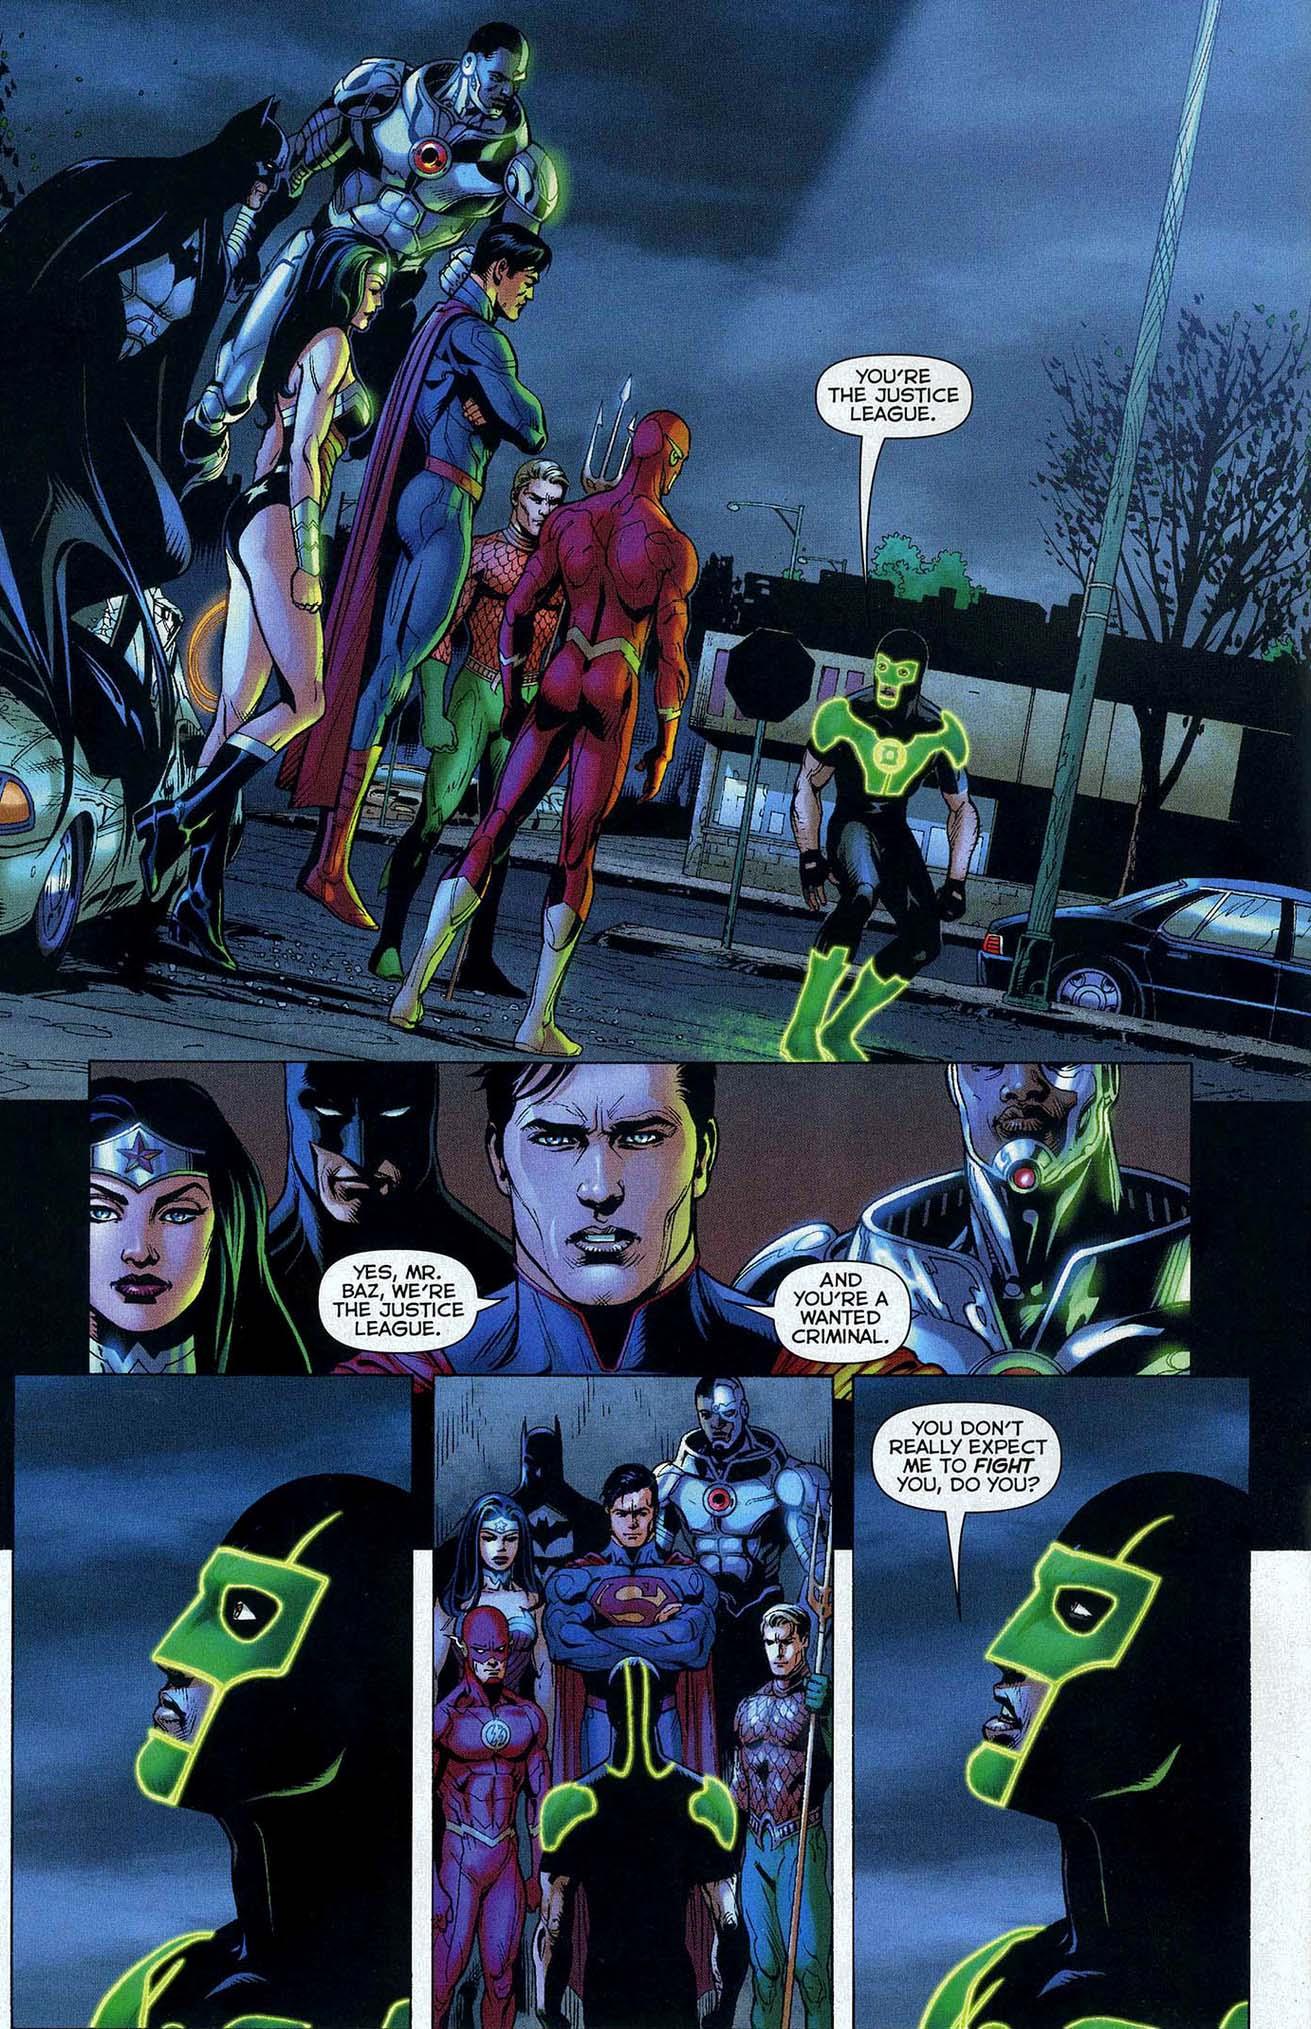 simon baz meets the justice league